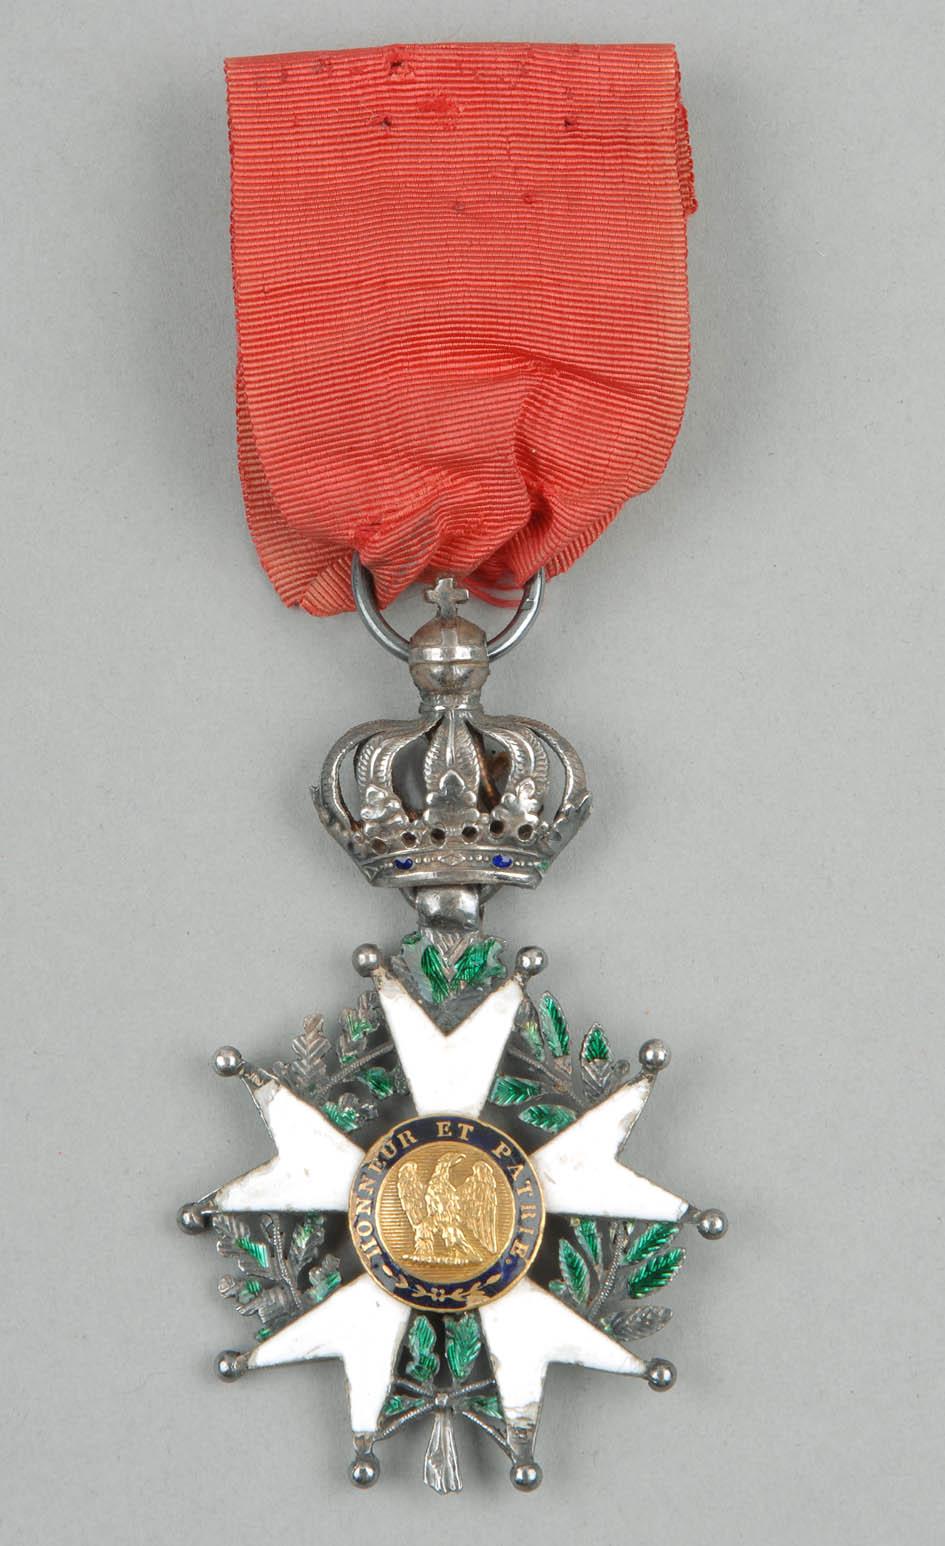 Condecoración de la Legión de Honor del Estado Francés